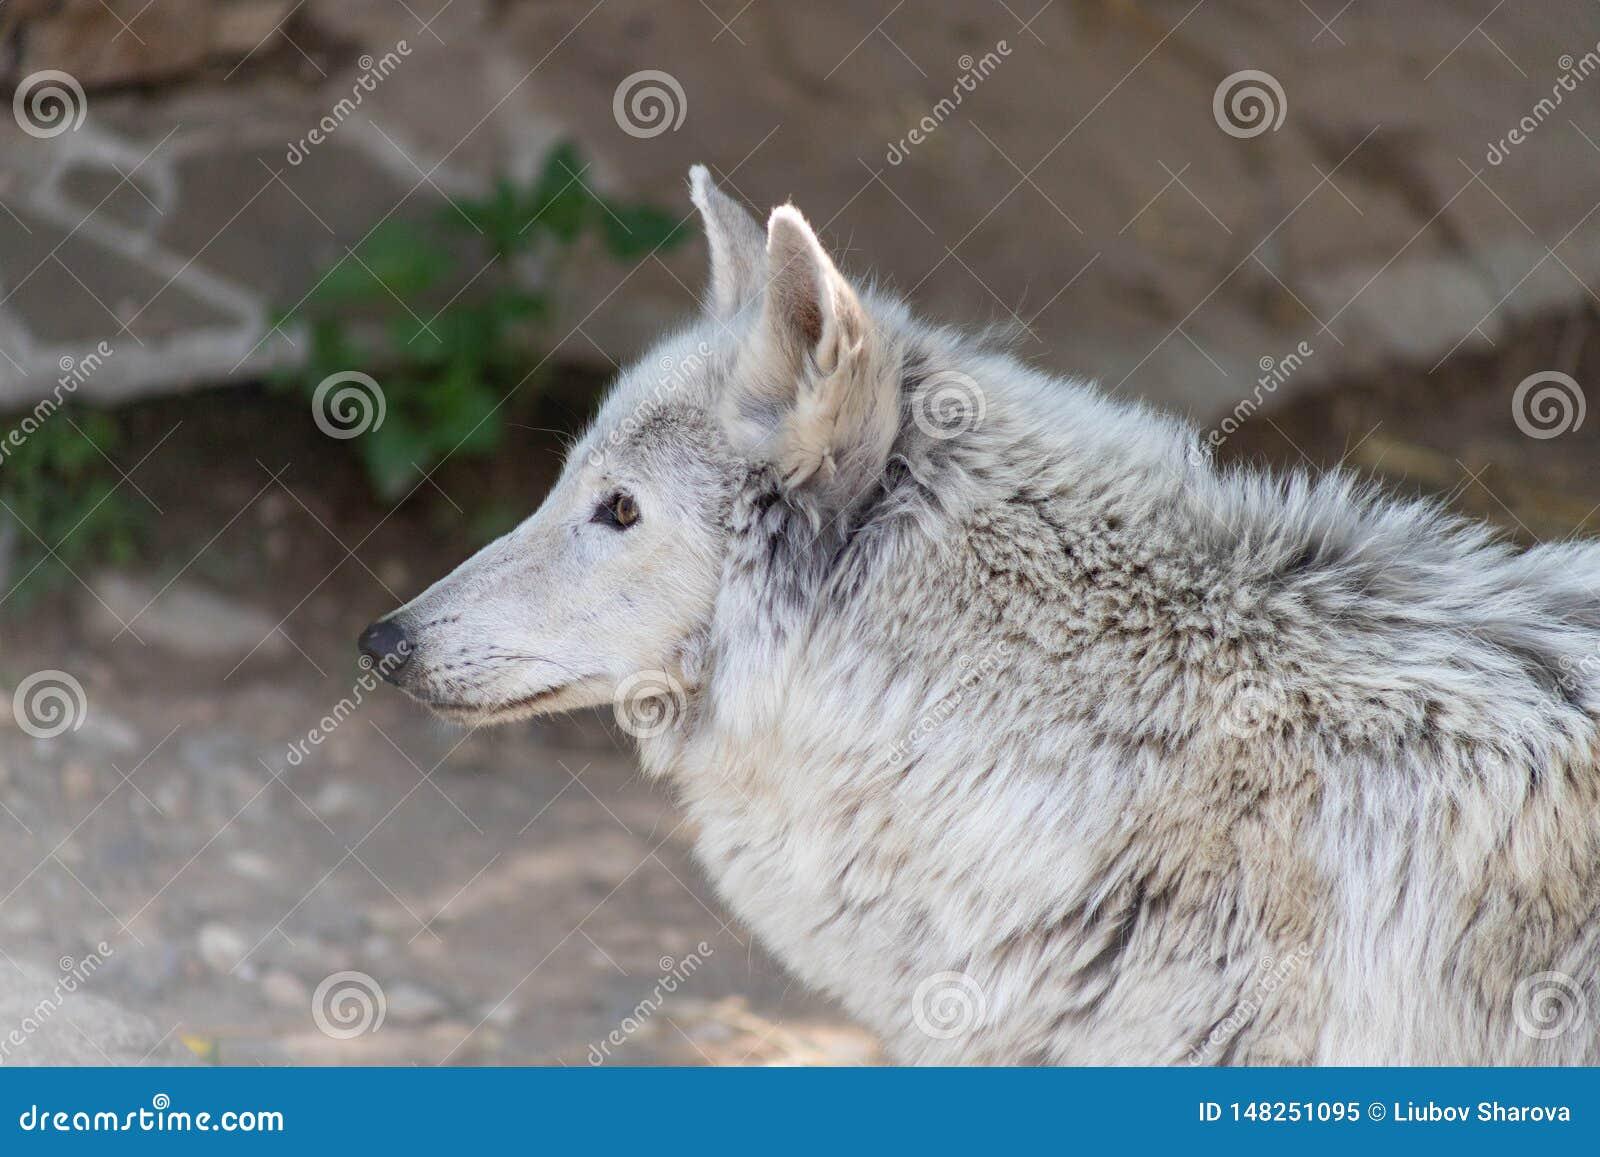 Białego wilka Canis lupus albus Tundrowy wilk z kaleką łapą lub, ofiara ludzki okrucieństwo w zoo